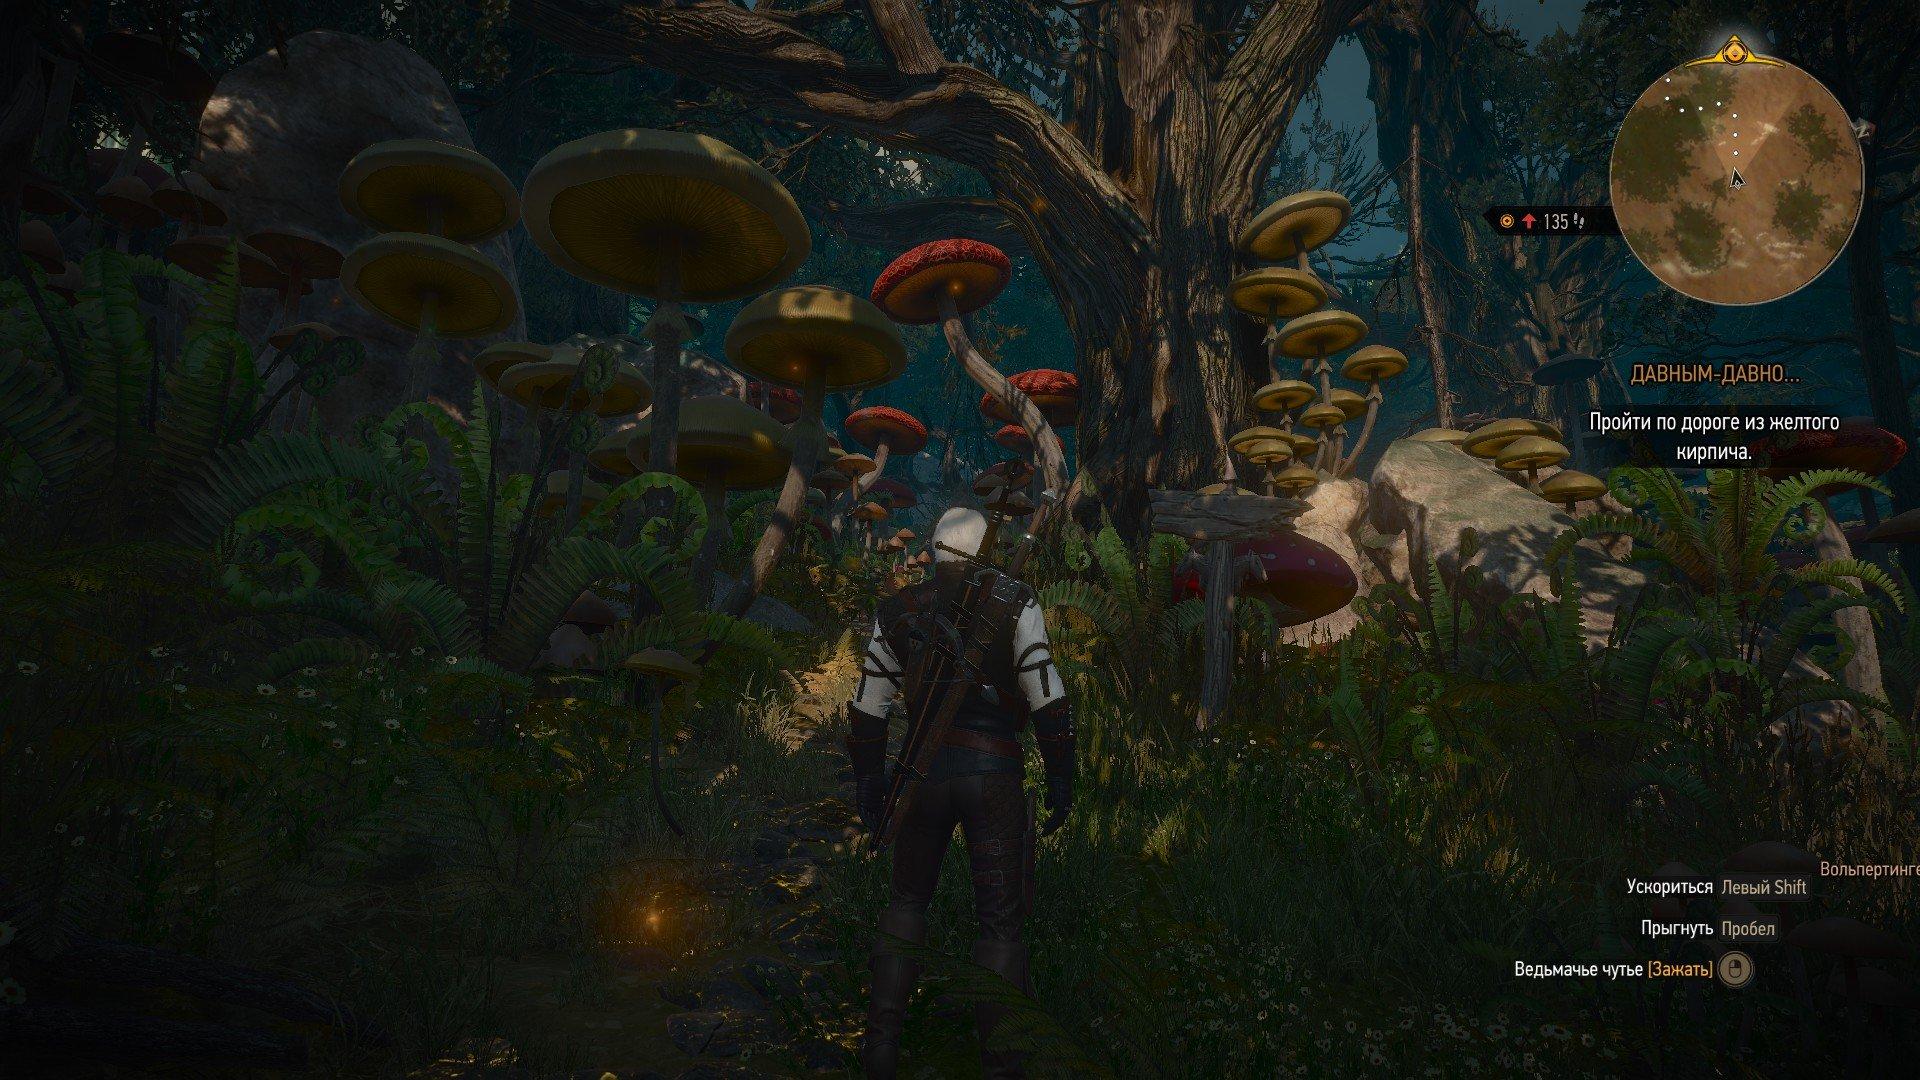 Вопль-прохождение Witcher 3: Кровь и Вино ... ФИНАЛ!!! [ВНИМАНИЕ, СПОЙЛЕРЫ] - Изображение 20